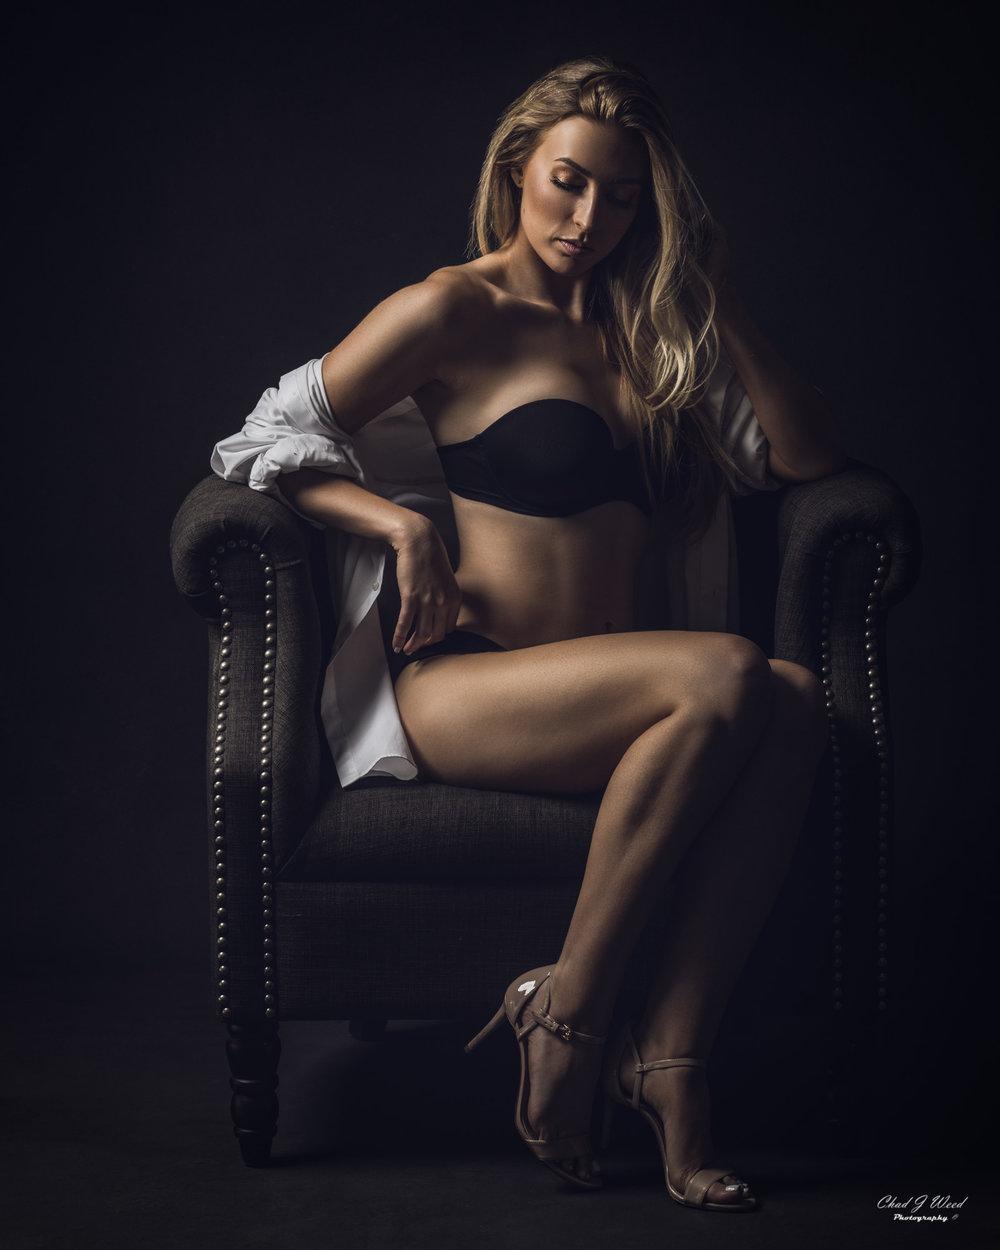 Arizona Fashion Portrait Photographer Chad Weed - Fashion Model Julika